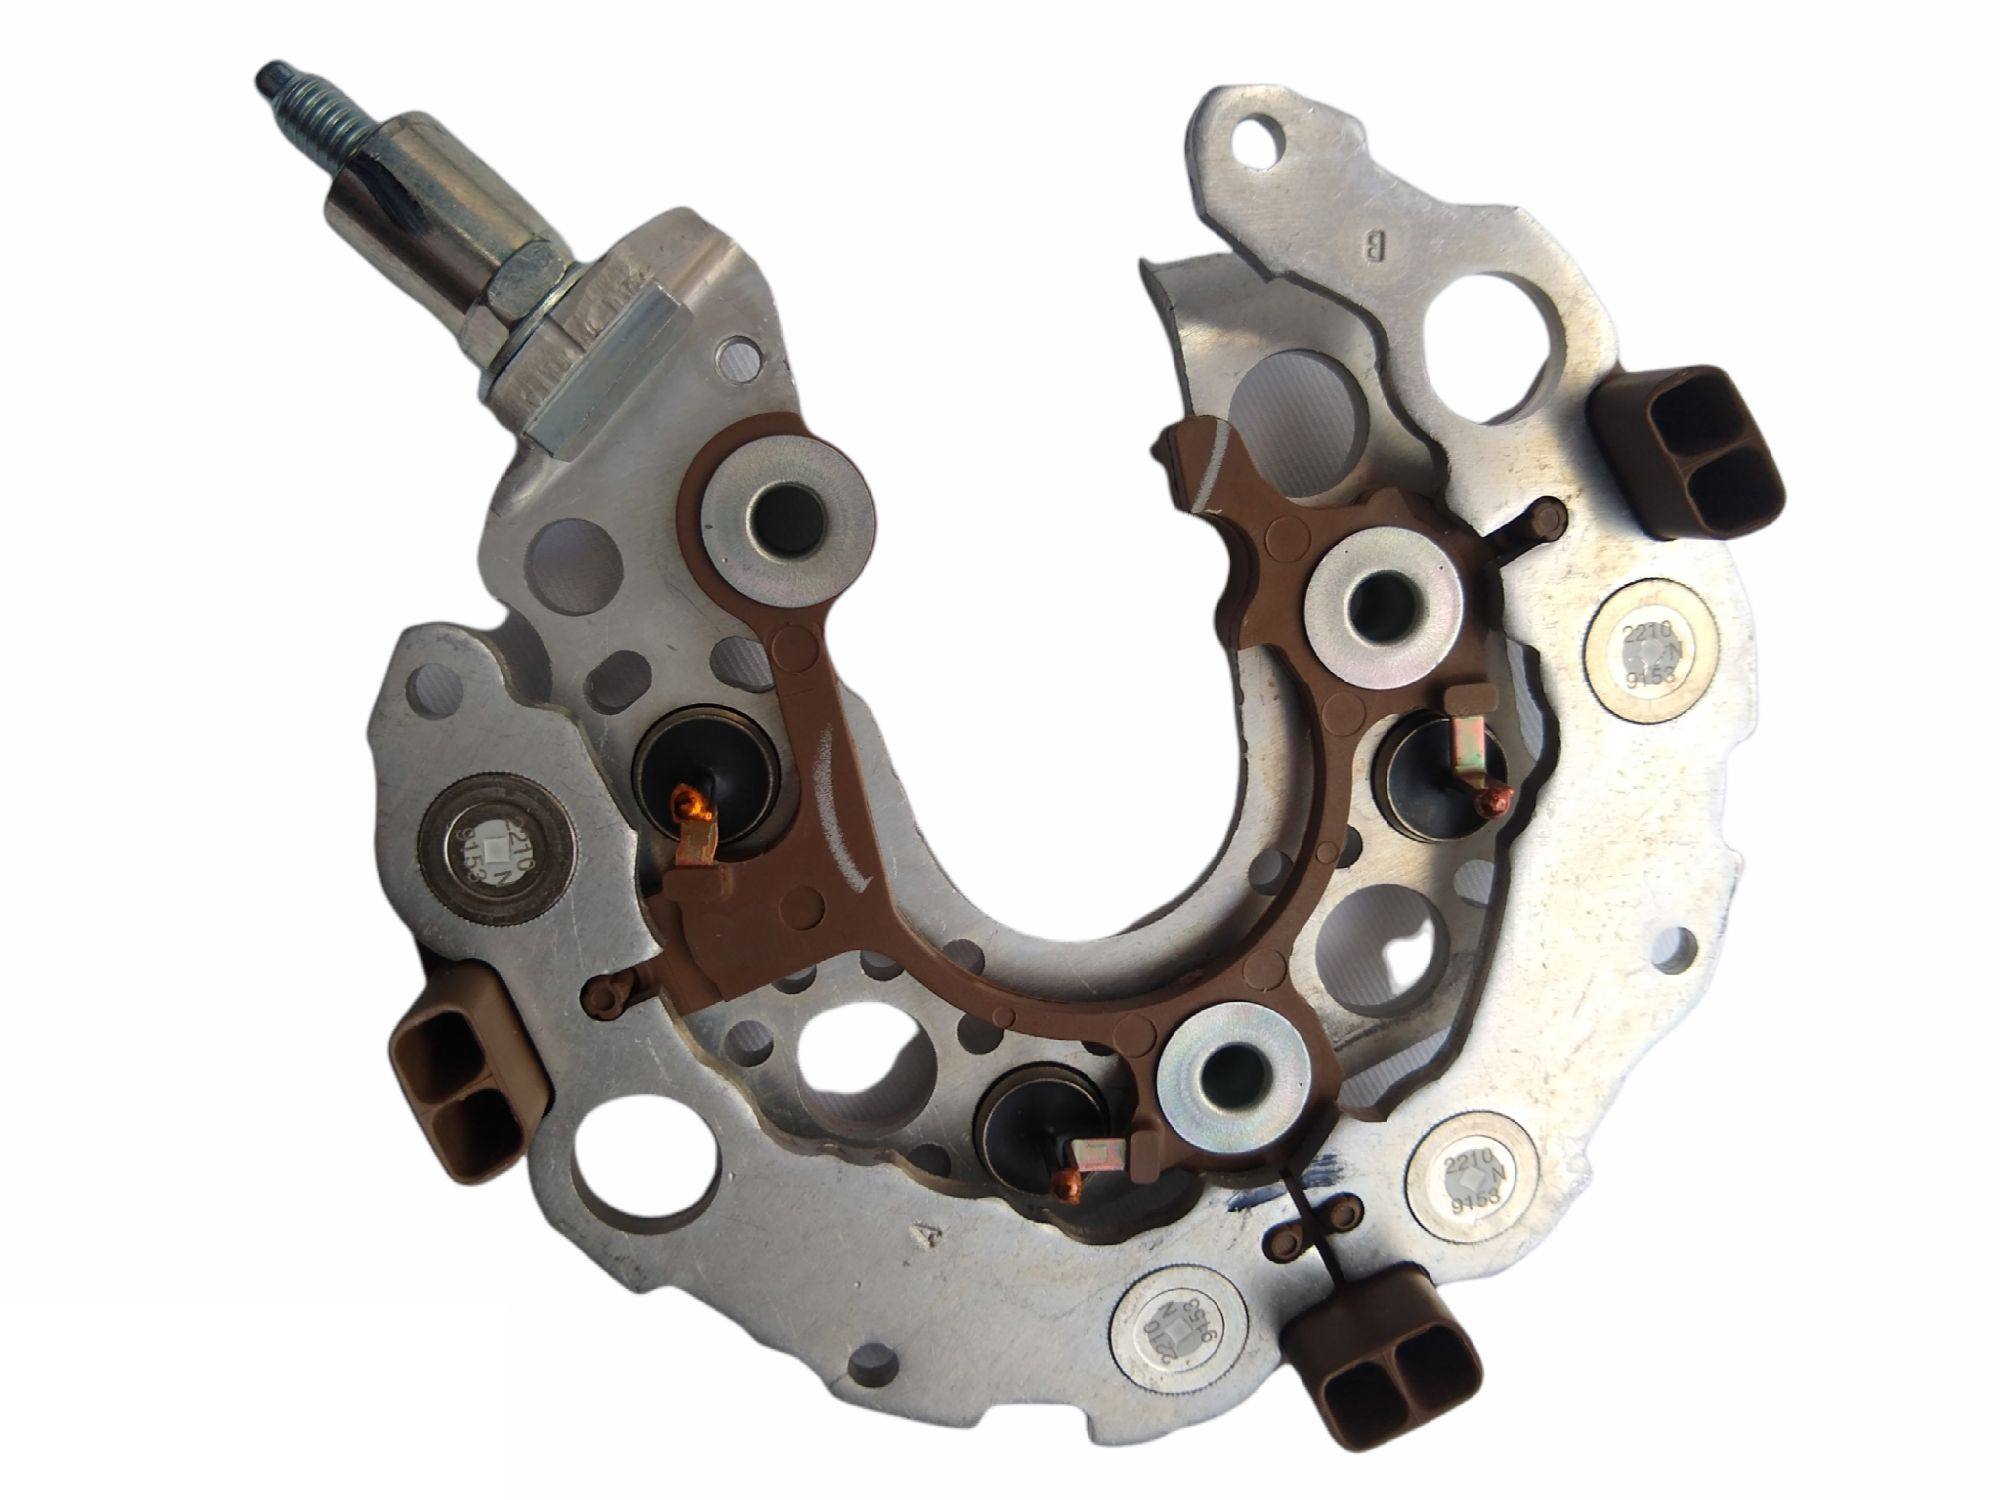 PONTE RETIFICADORA COROLLA 1.8 / 2.0 Flex - À partir de 2014   HILUX 2.8 Diesel À partir de 2015 / 3.0 Diesel 2005 a17